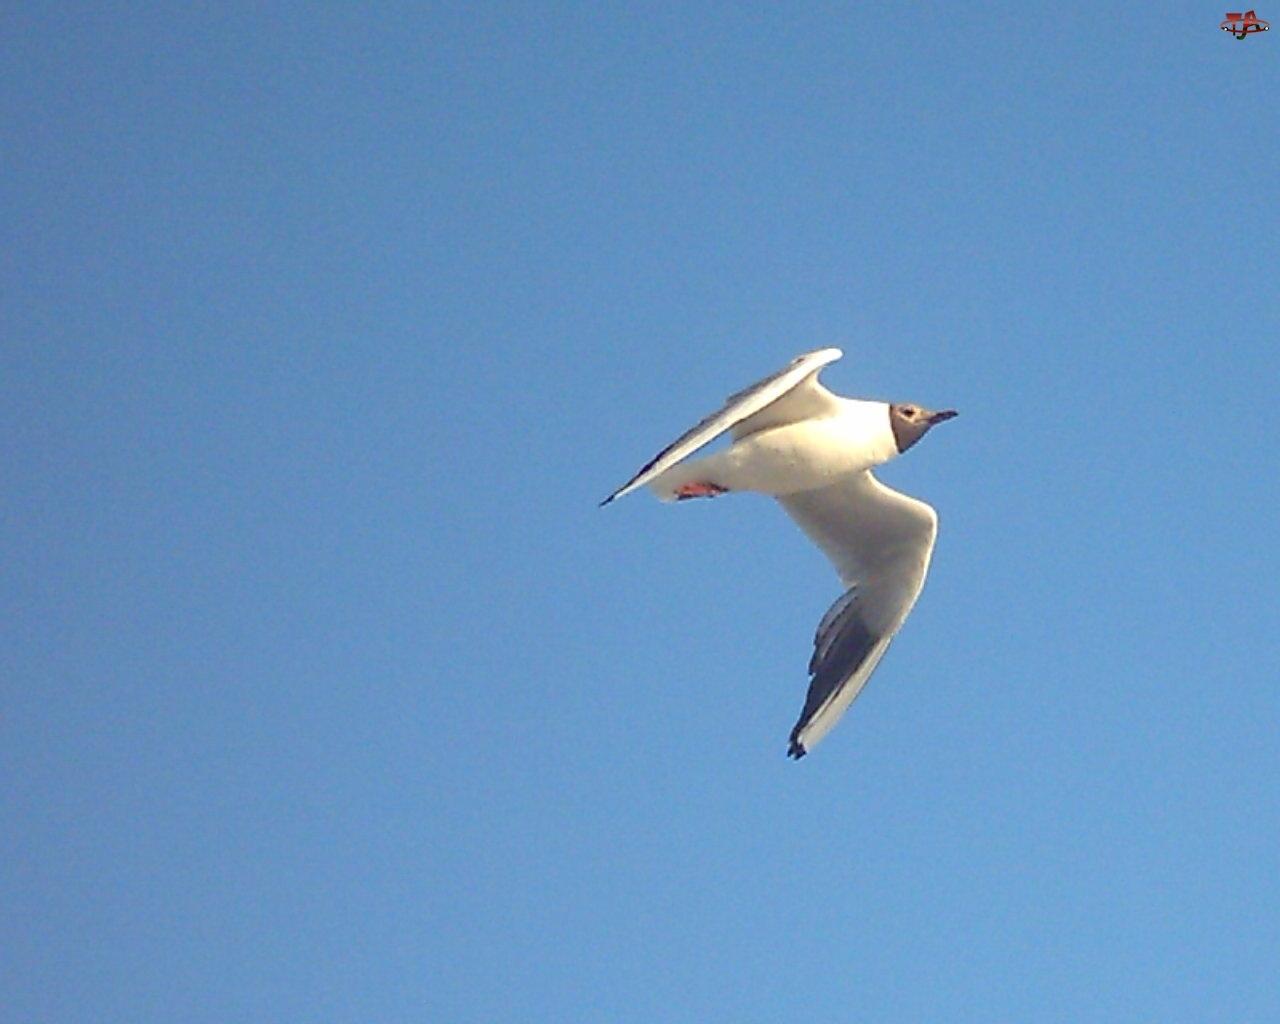 Mewa w tle niebieskiego nieba nad Morzem Bałtyckim